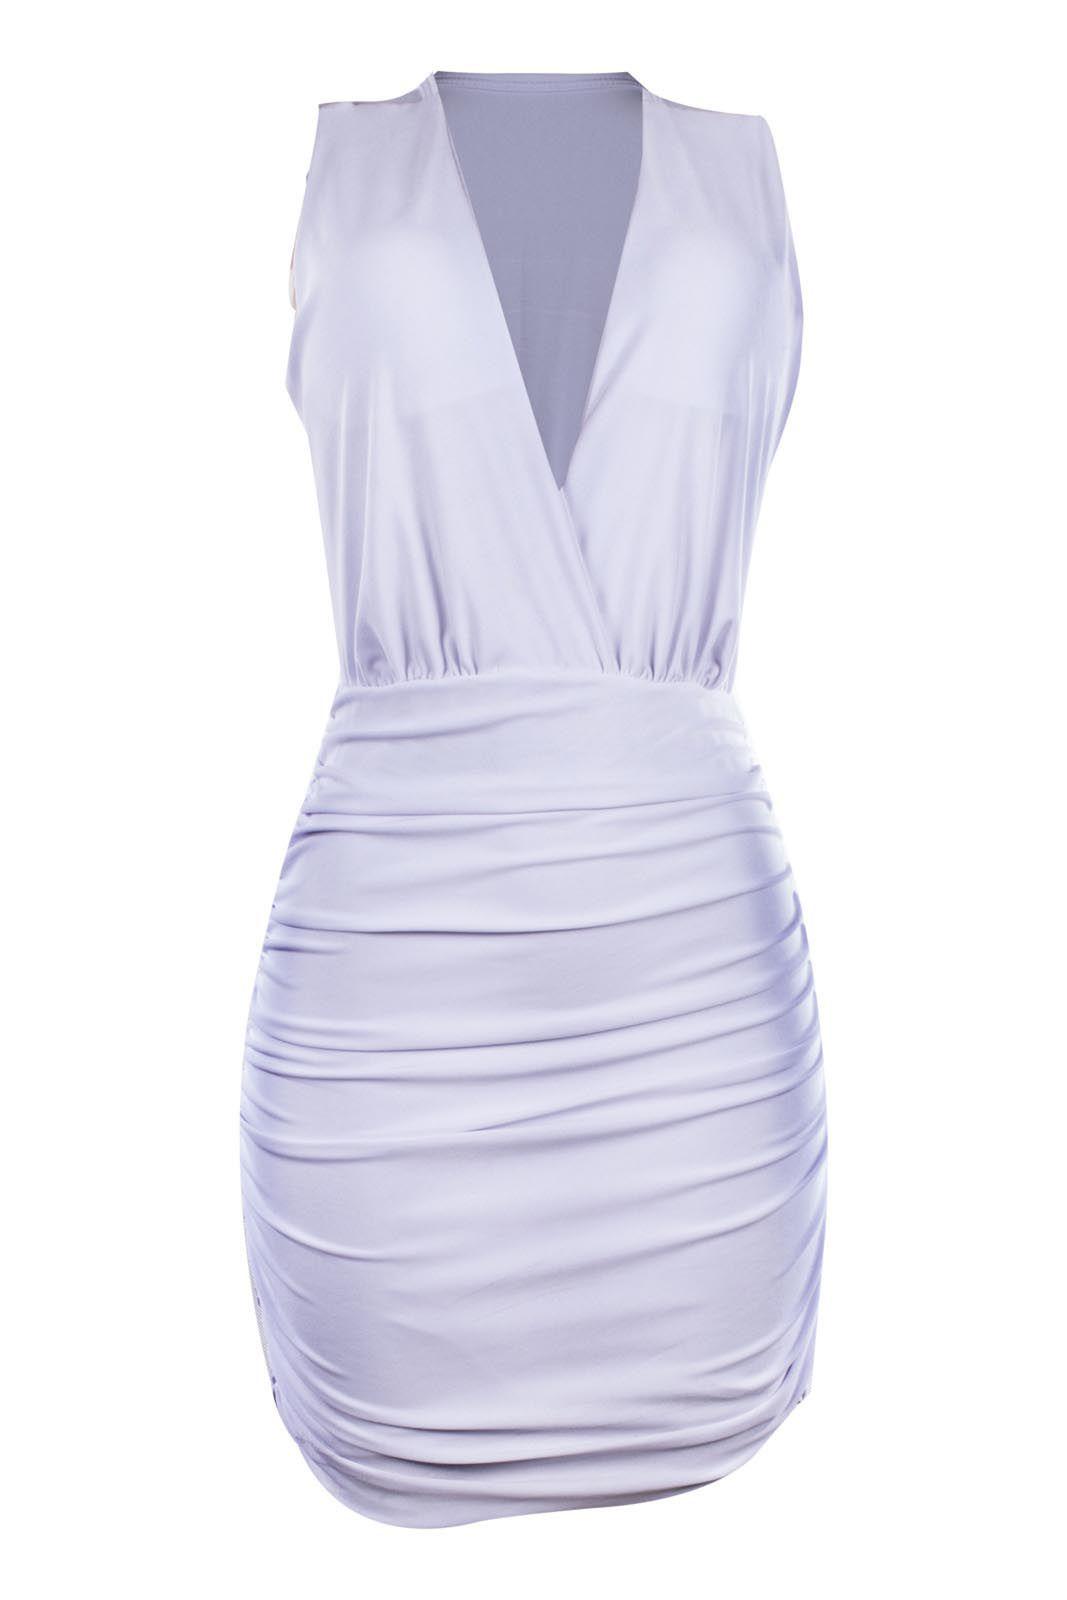 Vestido OutletDri Drappeado Curto Decote Transpassado Branco